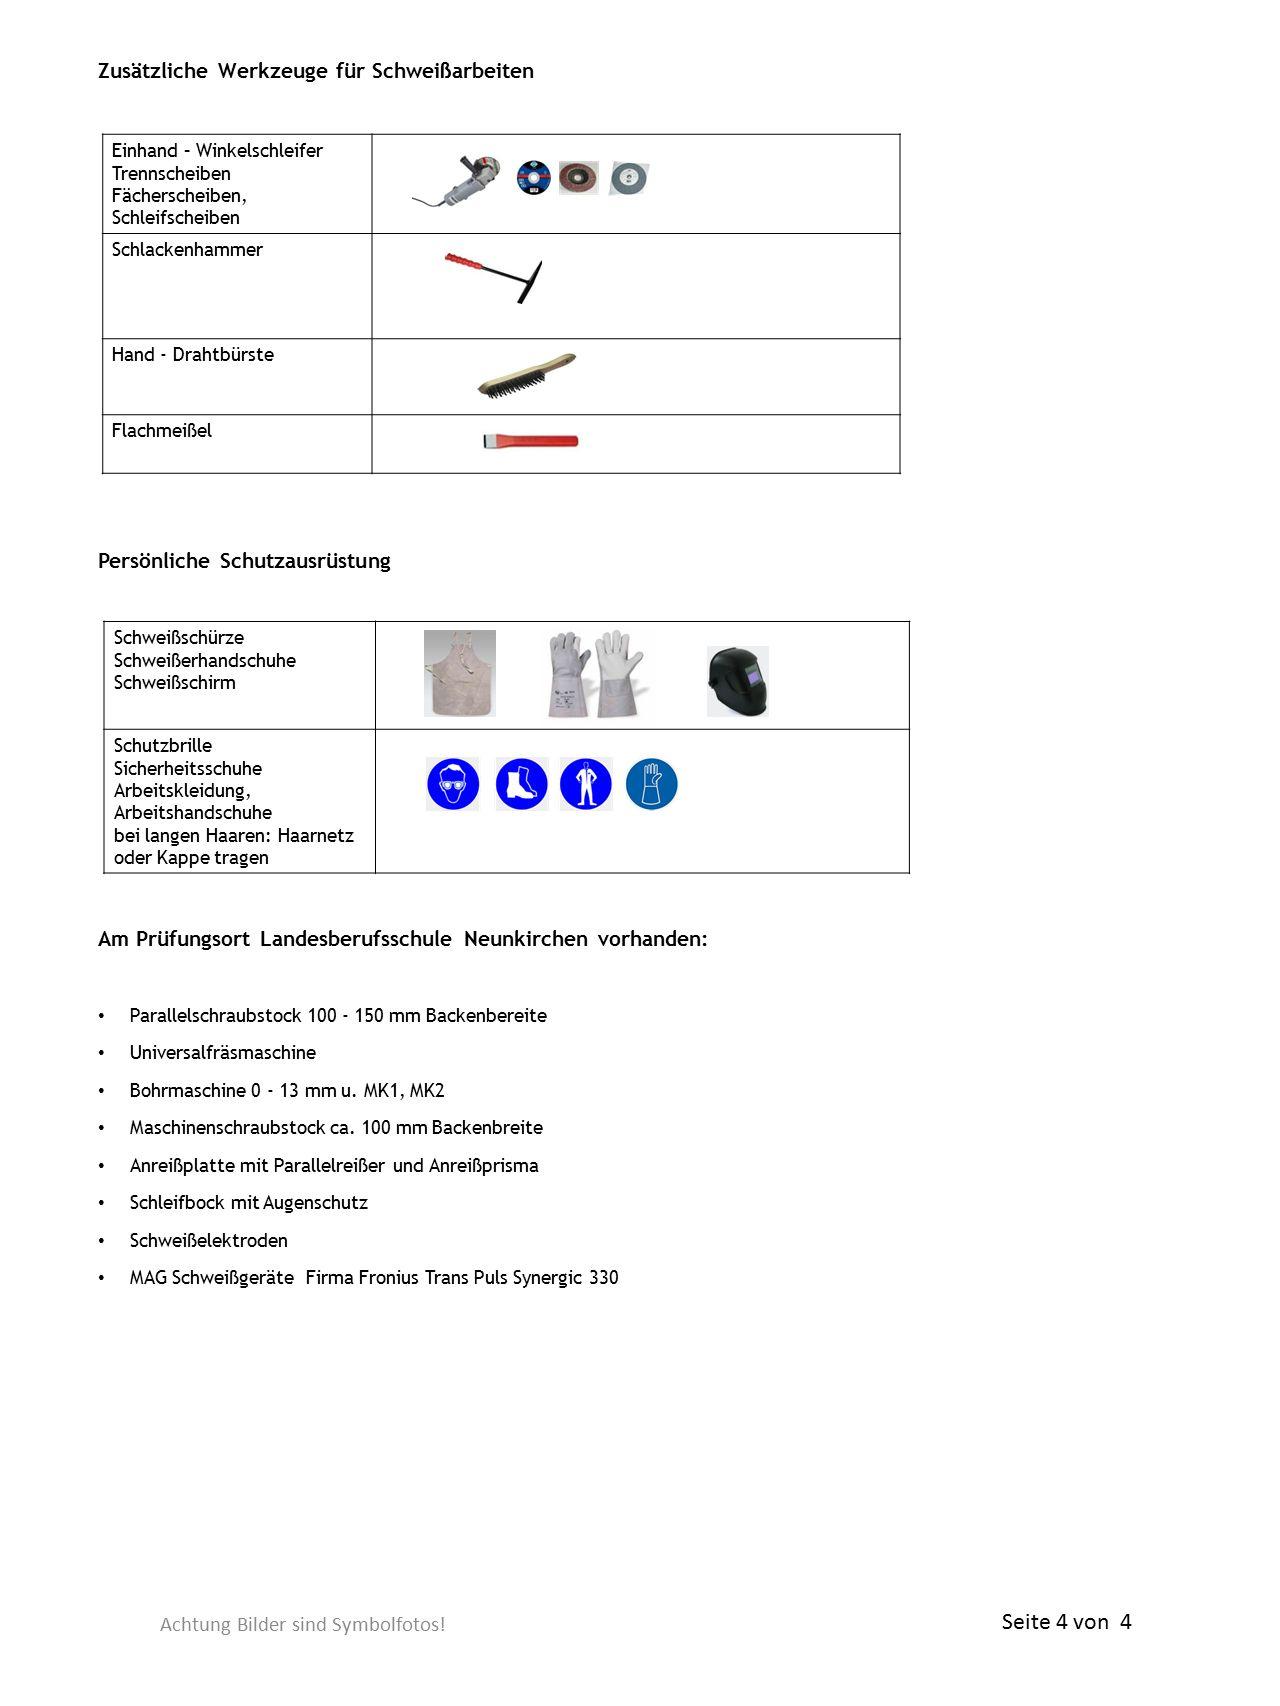 Zusätzliche Werkzeuge für Schweißarbeiten Persönliche Schutzausrüstung Am Prüfungsort Landesberufsschule Neunkirchen vorhanden: Parallelschraubstock 100 - 150 mm Backenbereite Universalfräsmaschine Bohrmaschine 0 - 13 mm u.